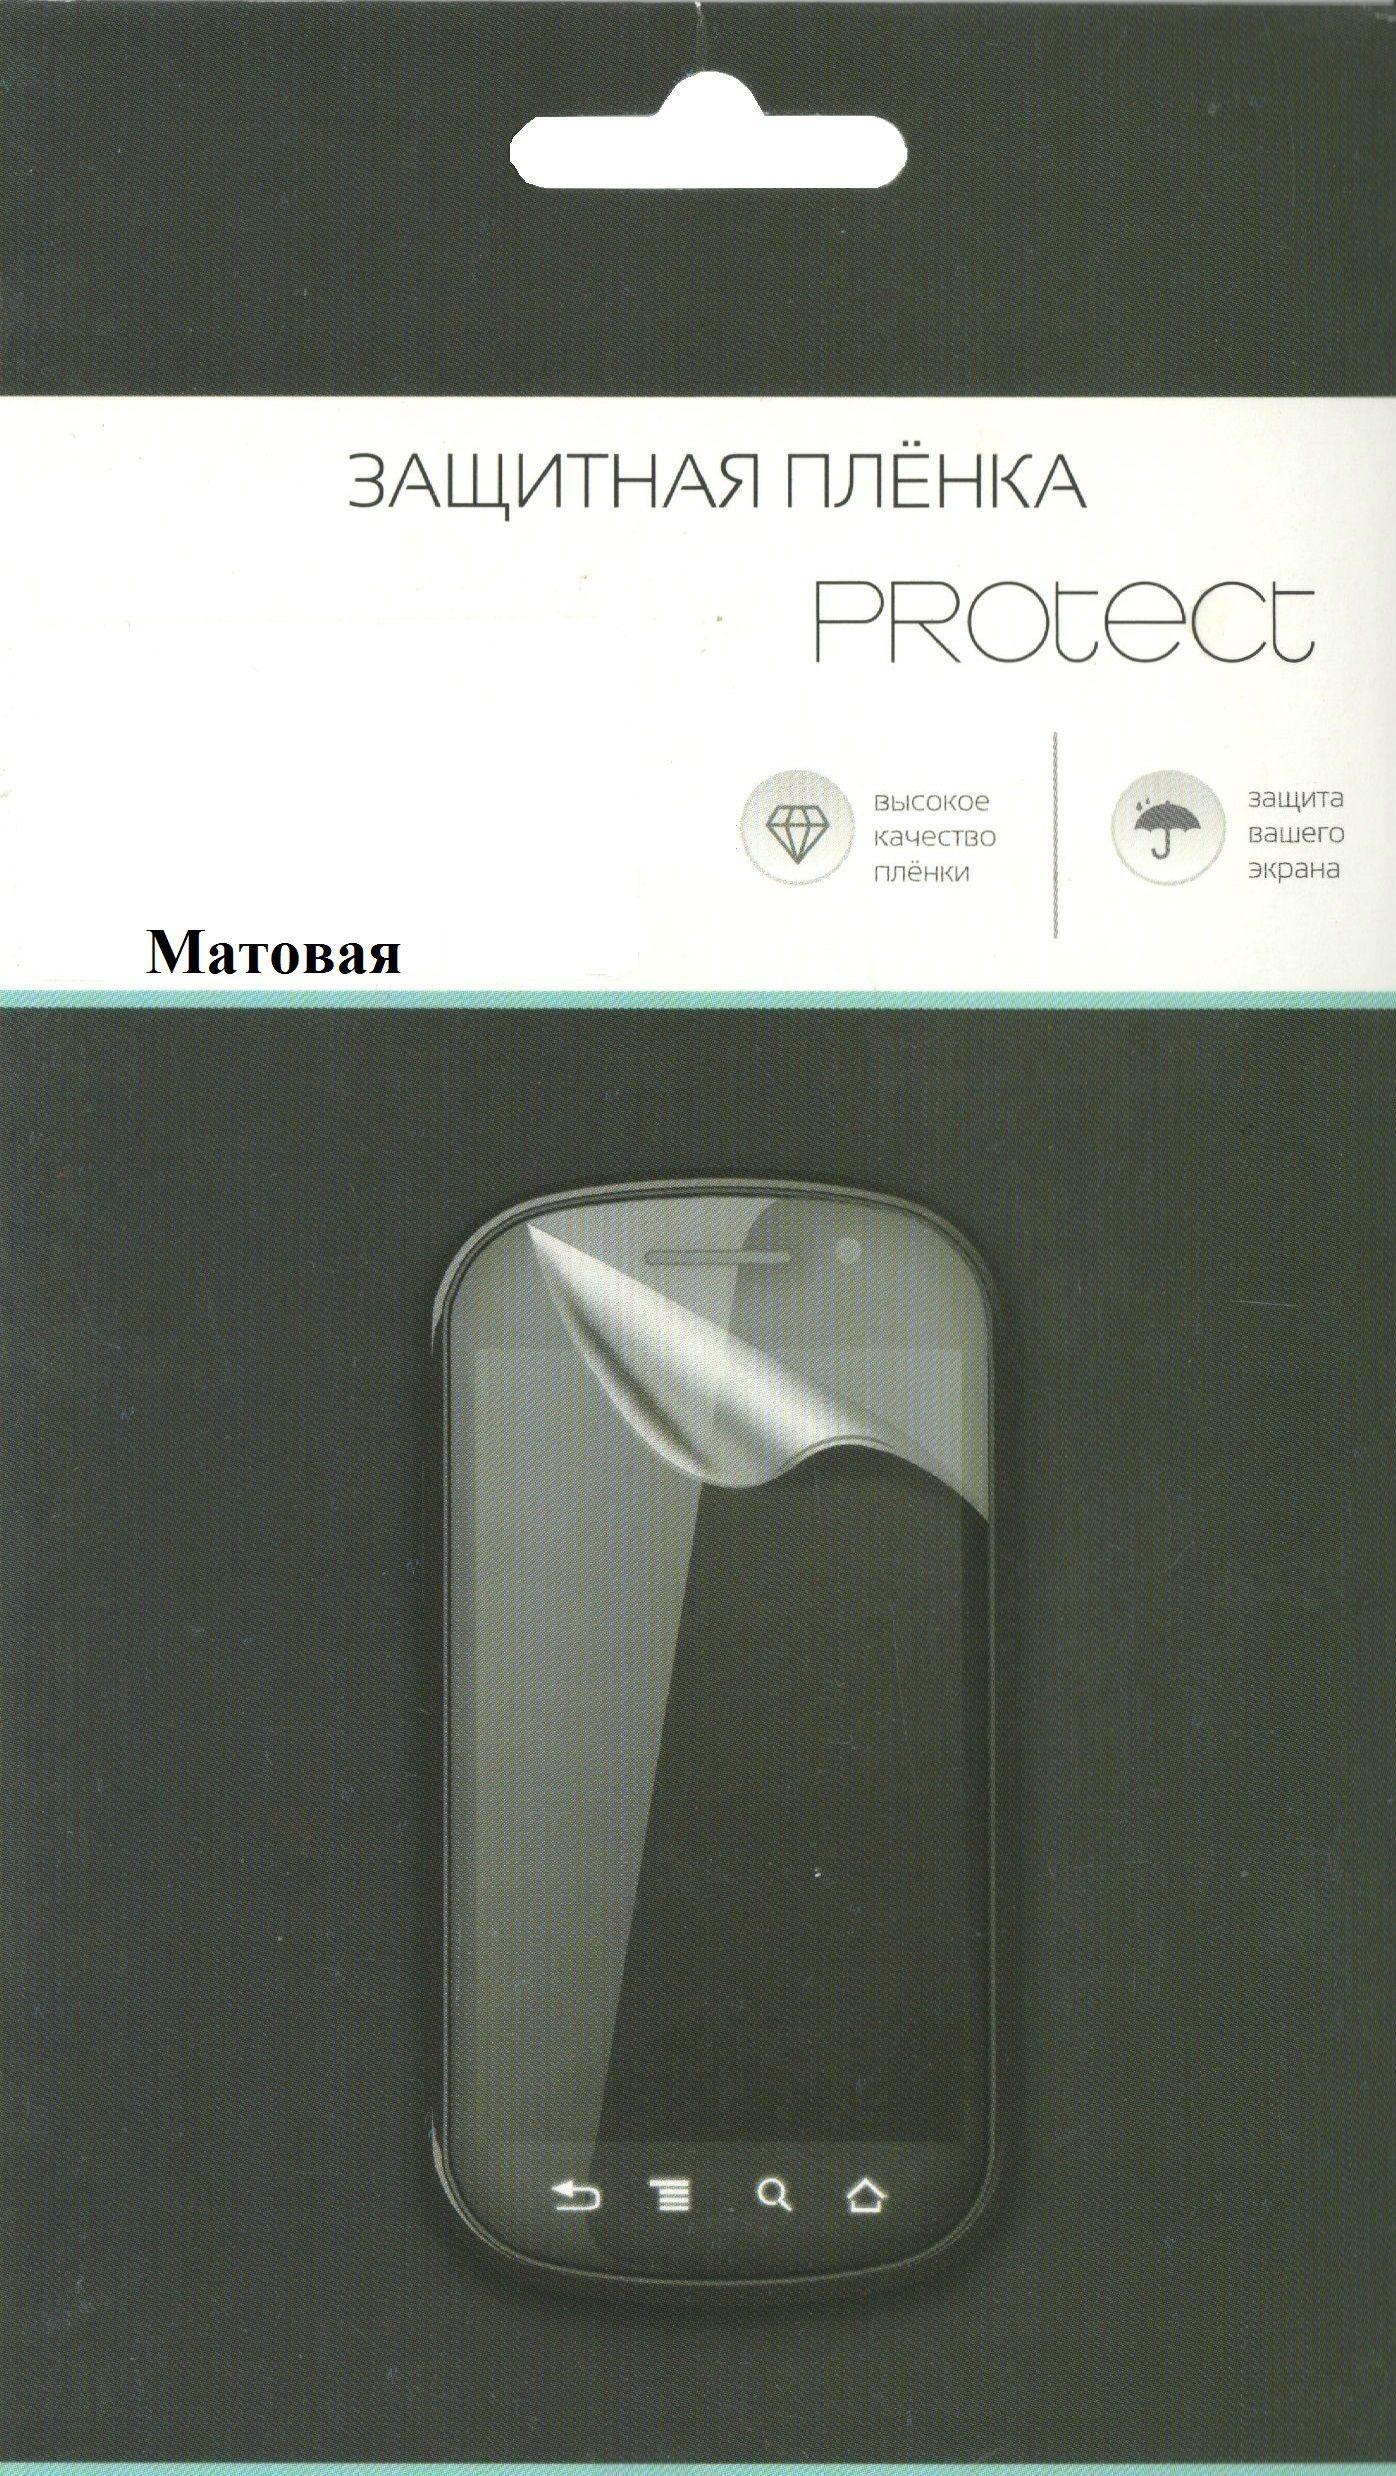 Купить Protect Защитная пленка для Samsung Galaxy J1 (2016) SM-J120F/DS (матовая) в интернет магазине. Цены, фото, описания, характеристики, отзывы, обзоры